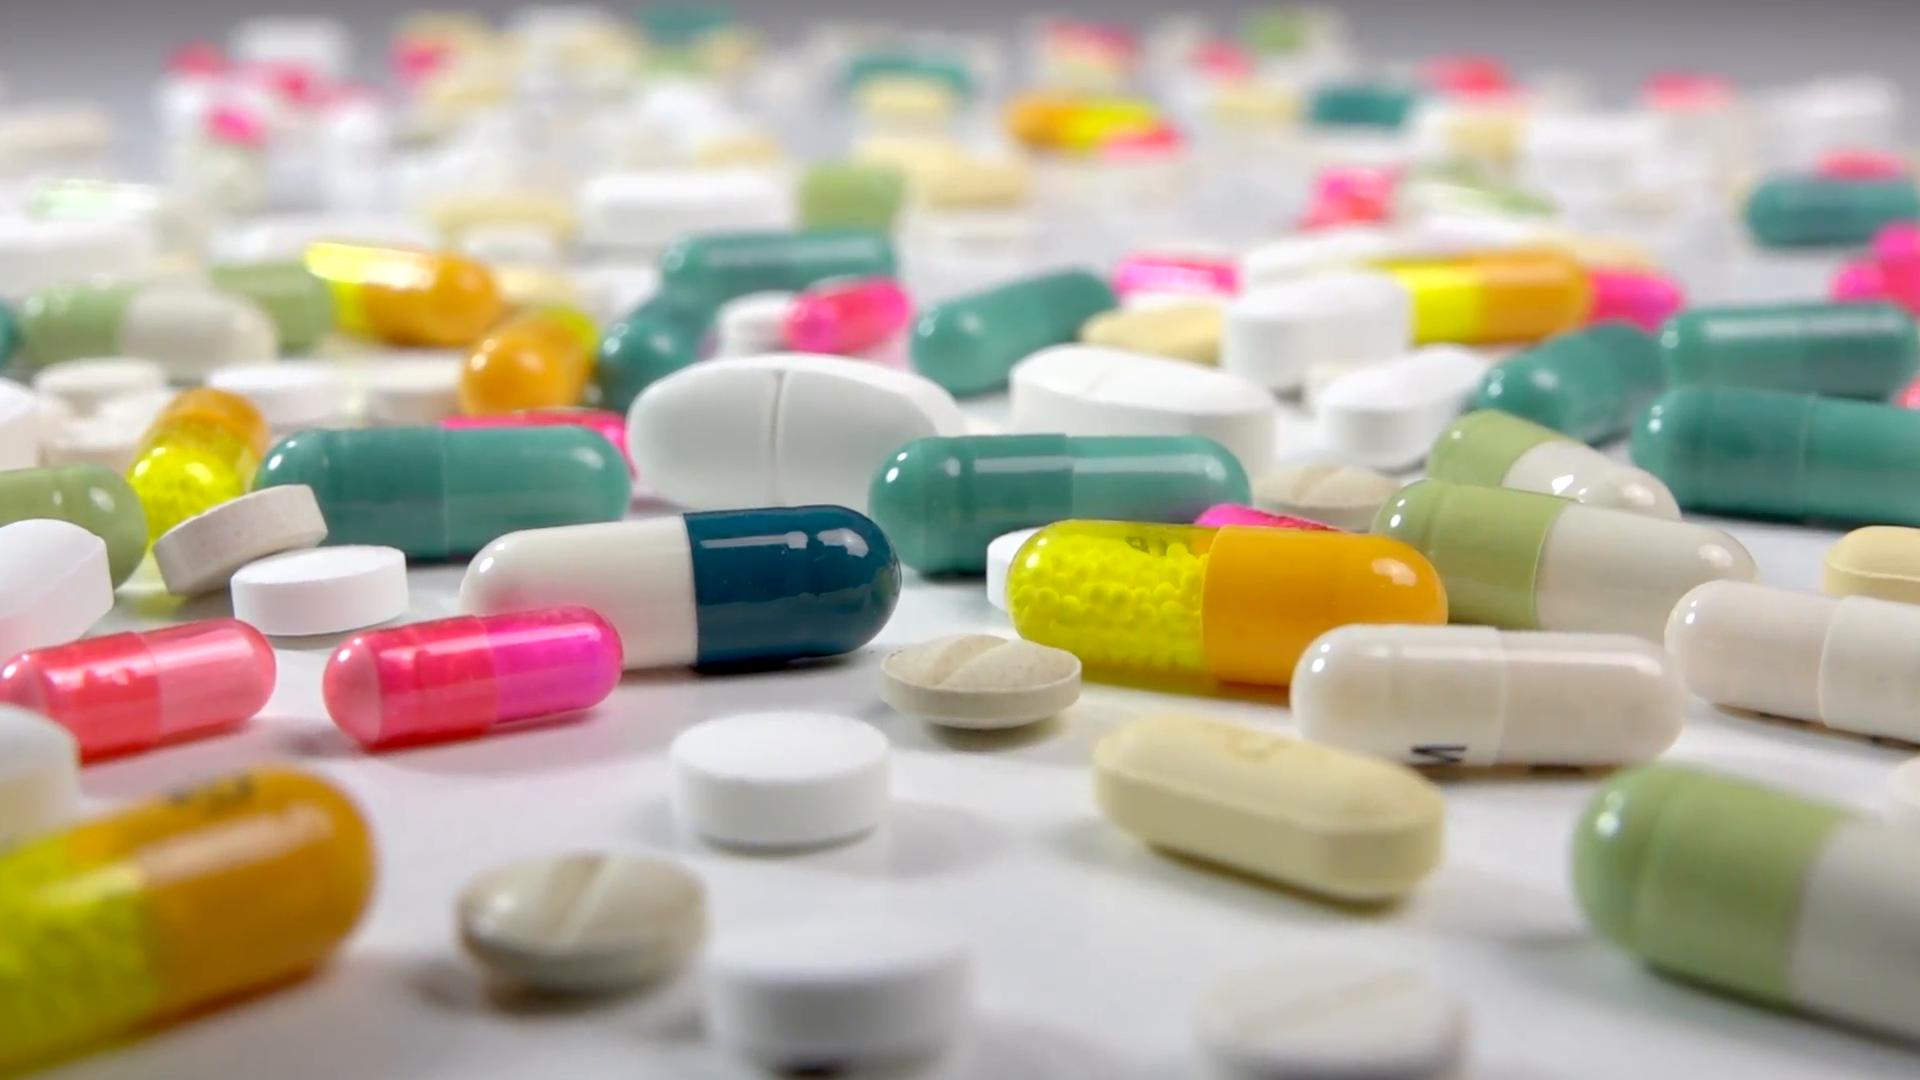 ۵ برابر بیماران کرونا با مصرف این دارو بهبود یافتن